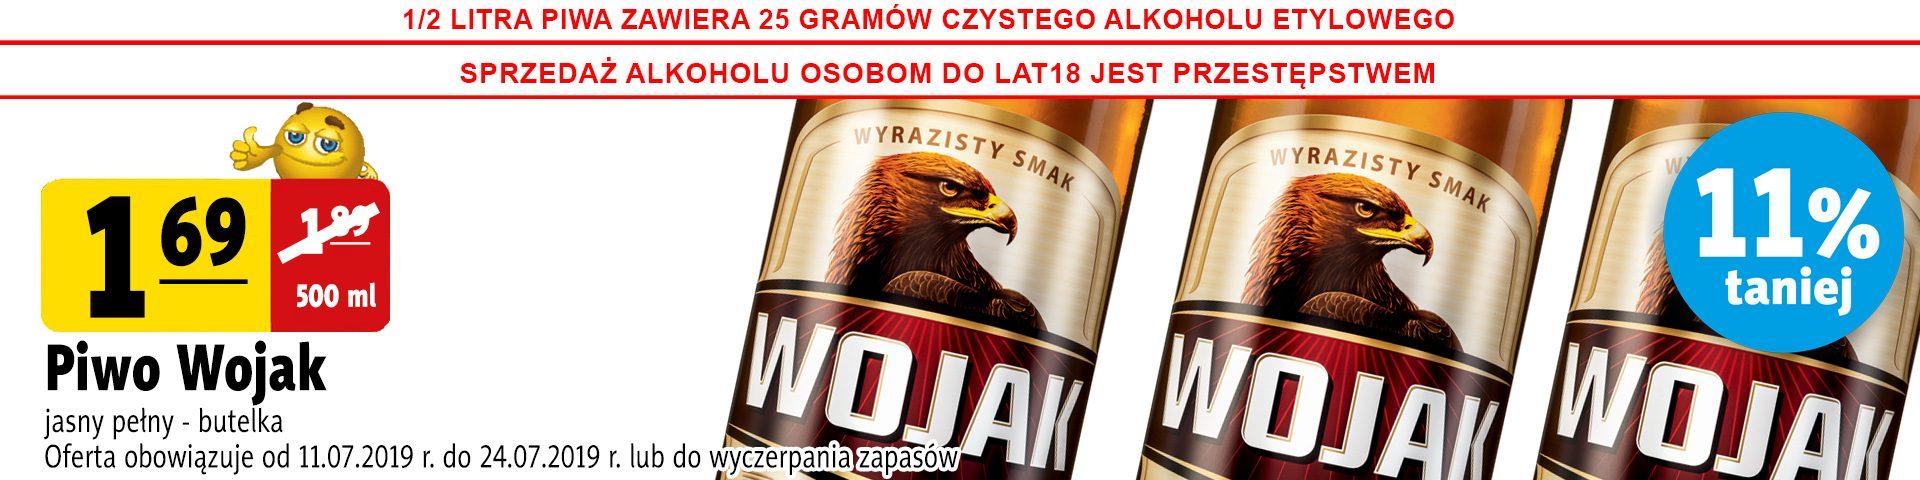 11-24.07.2019_piwo_wojak